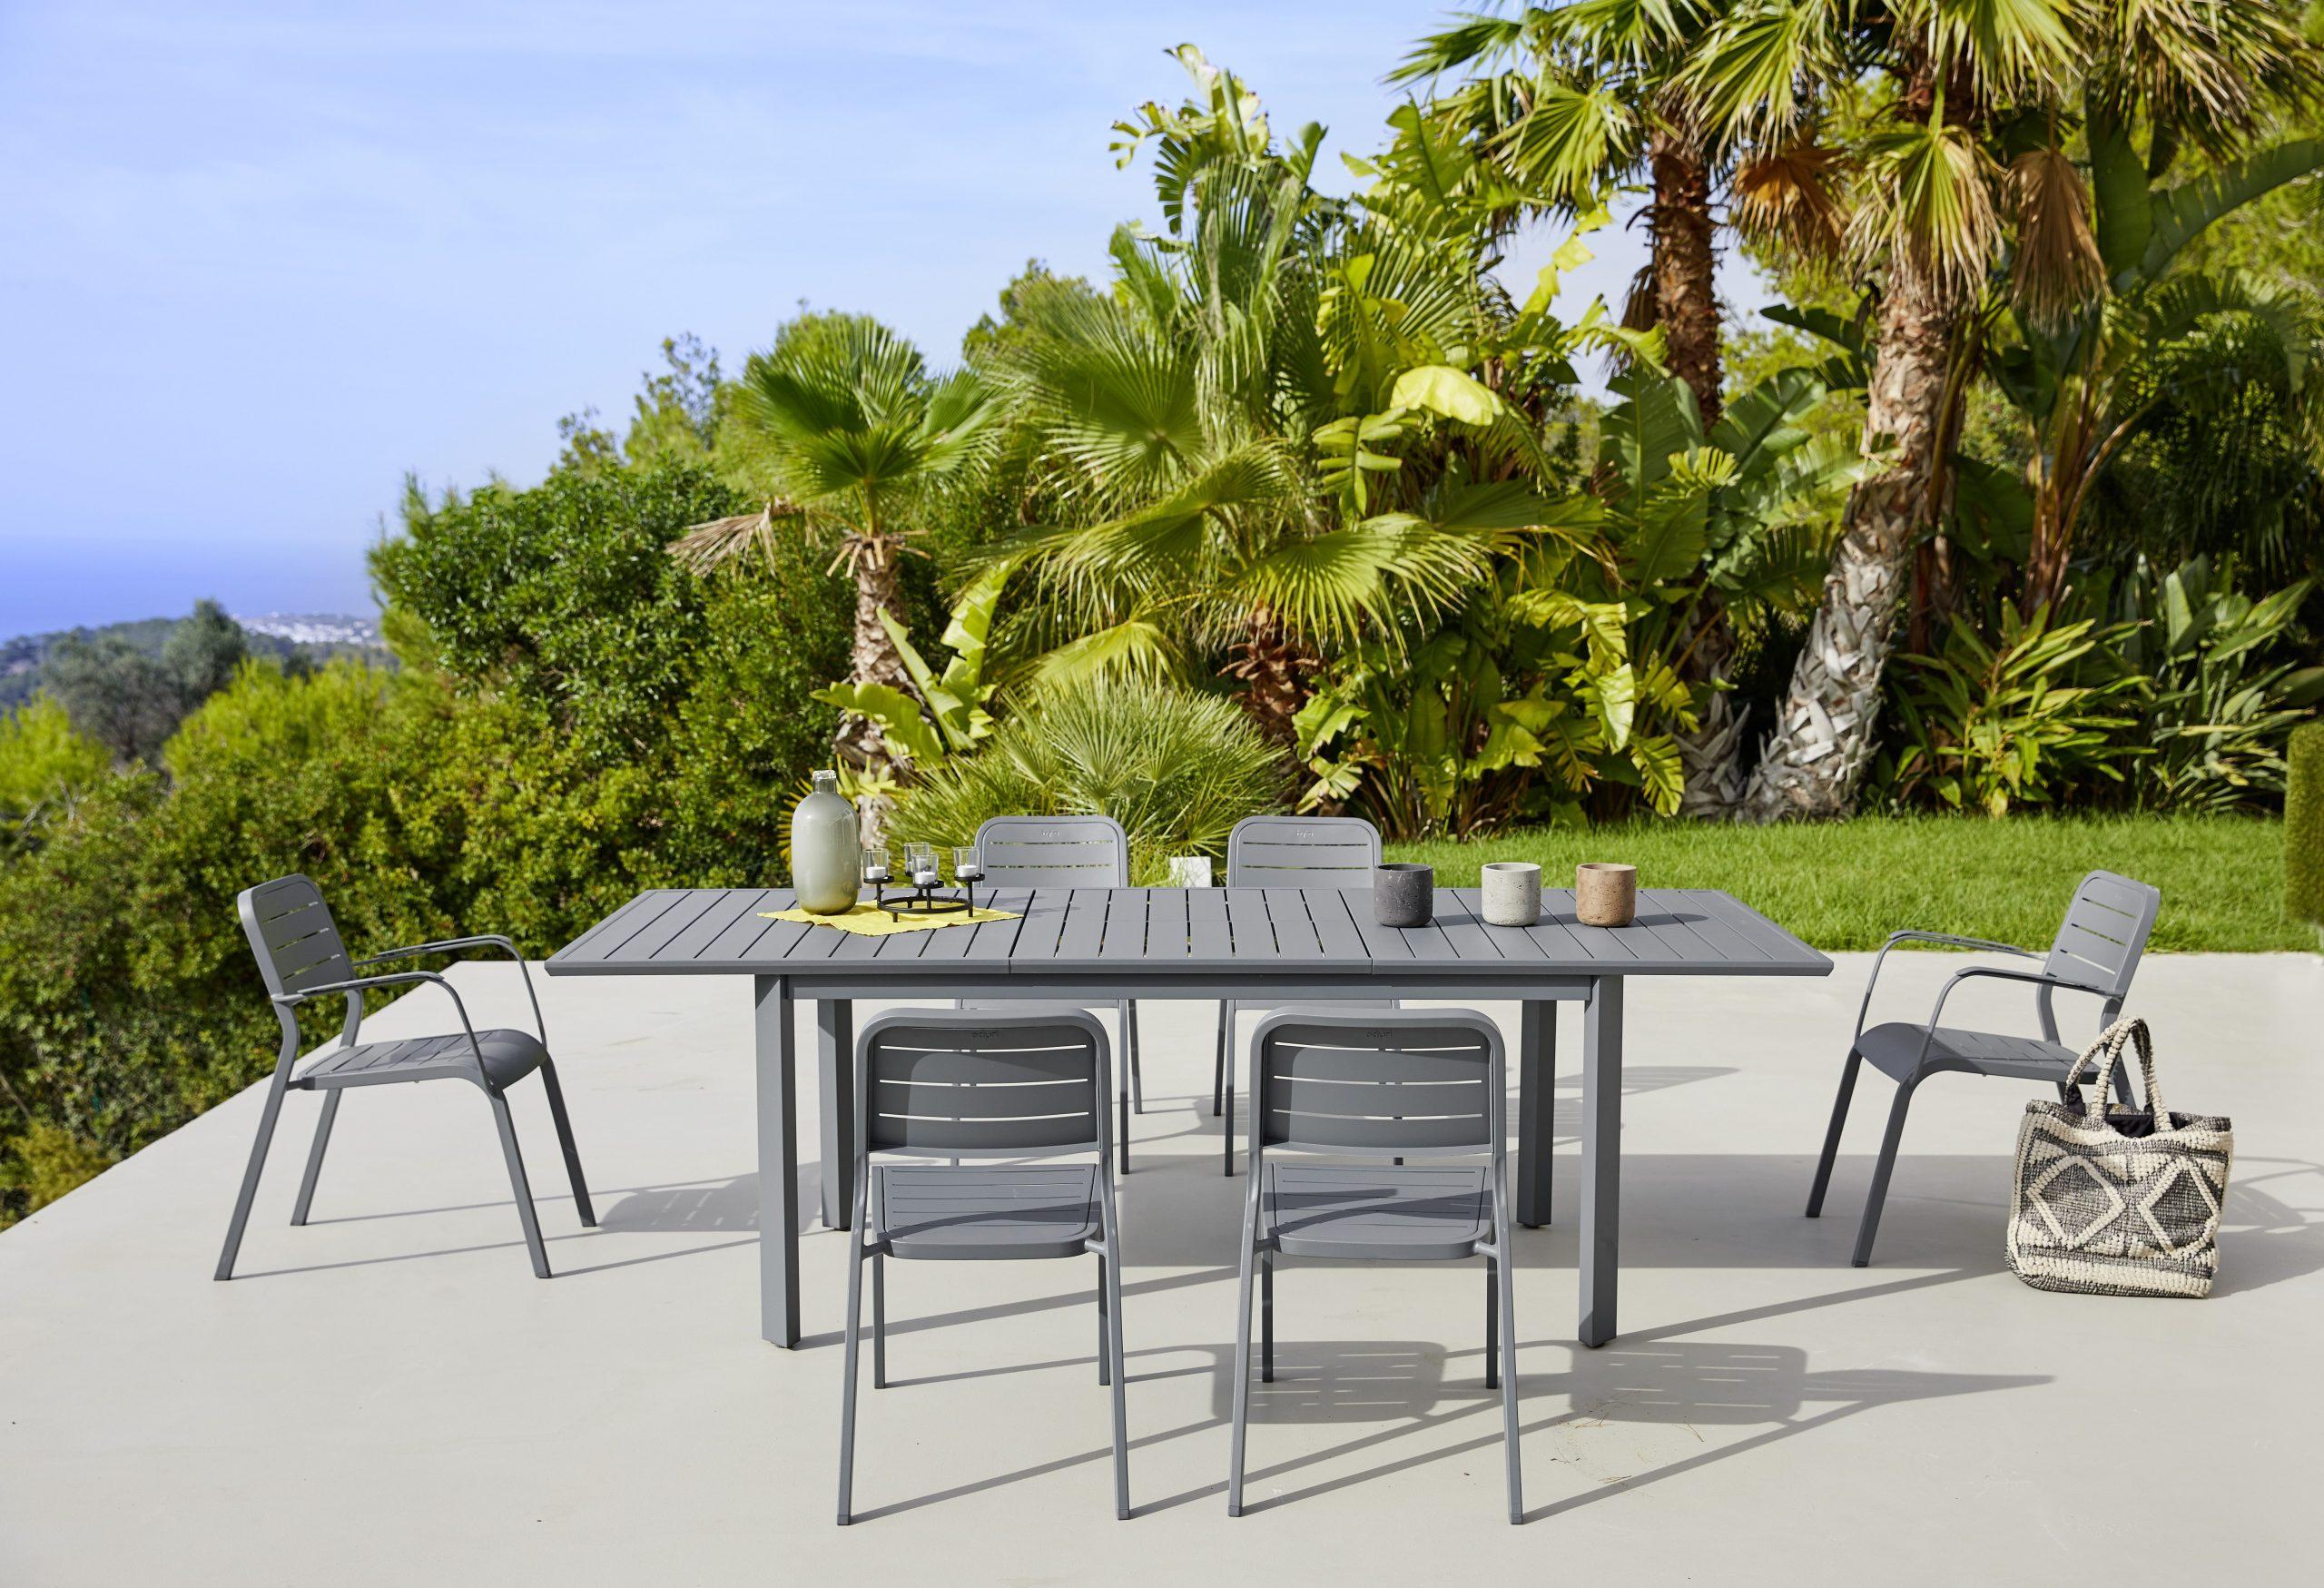 Les 157 Meilleures Images De Ambiances Jardin / Terrasse ... dedans Transat Jardin Carrefour